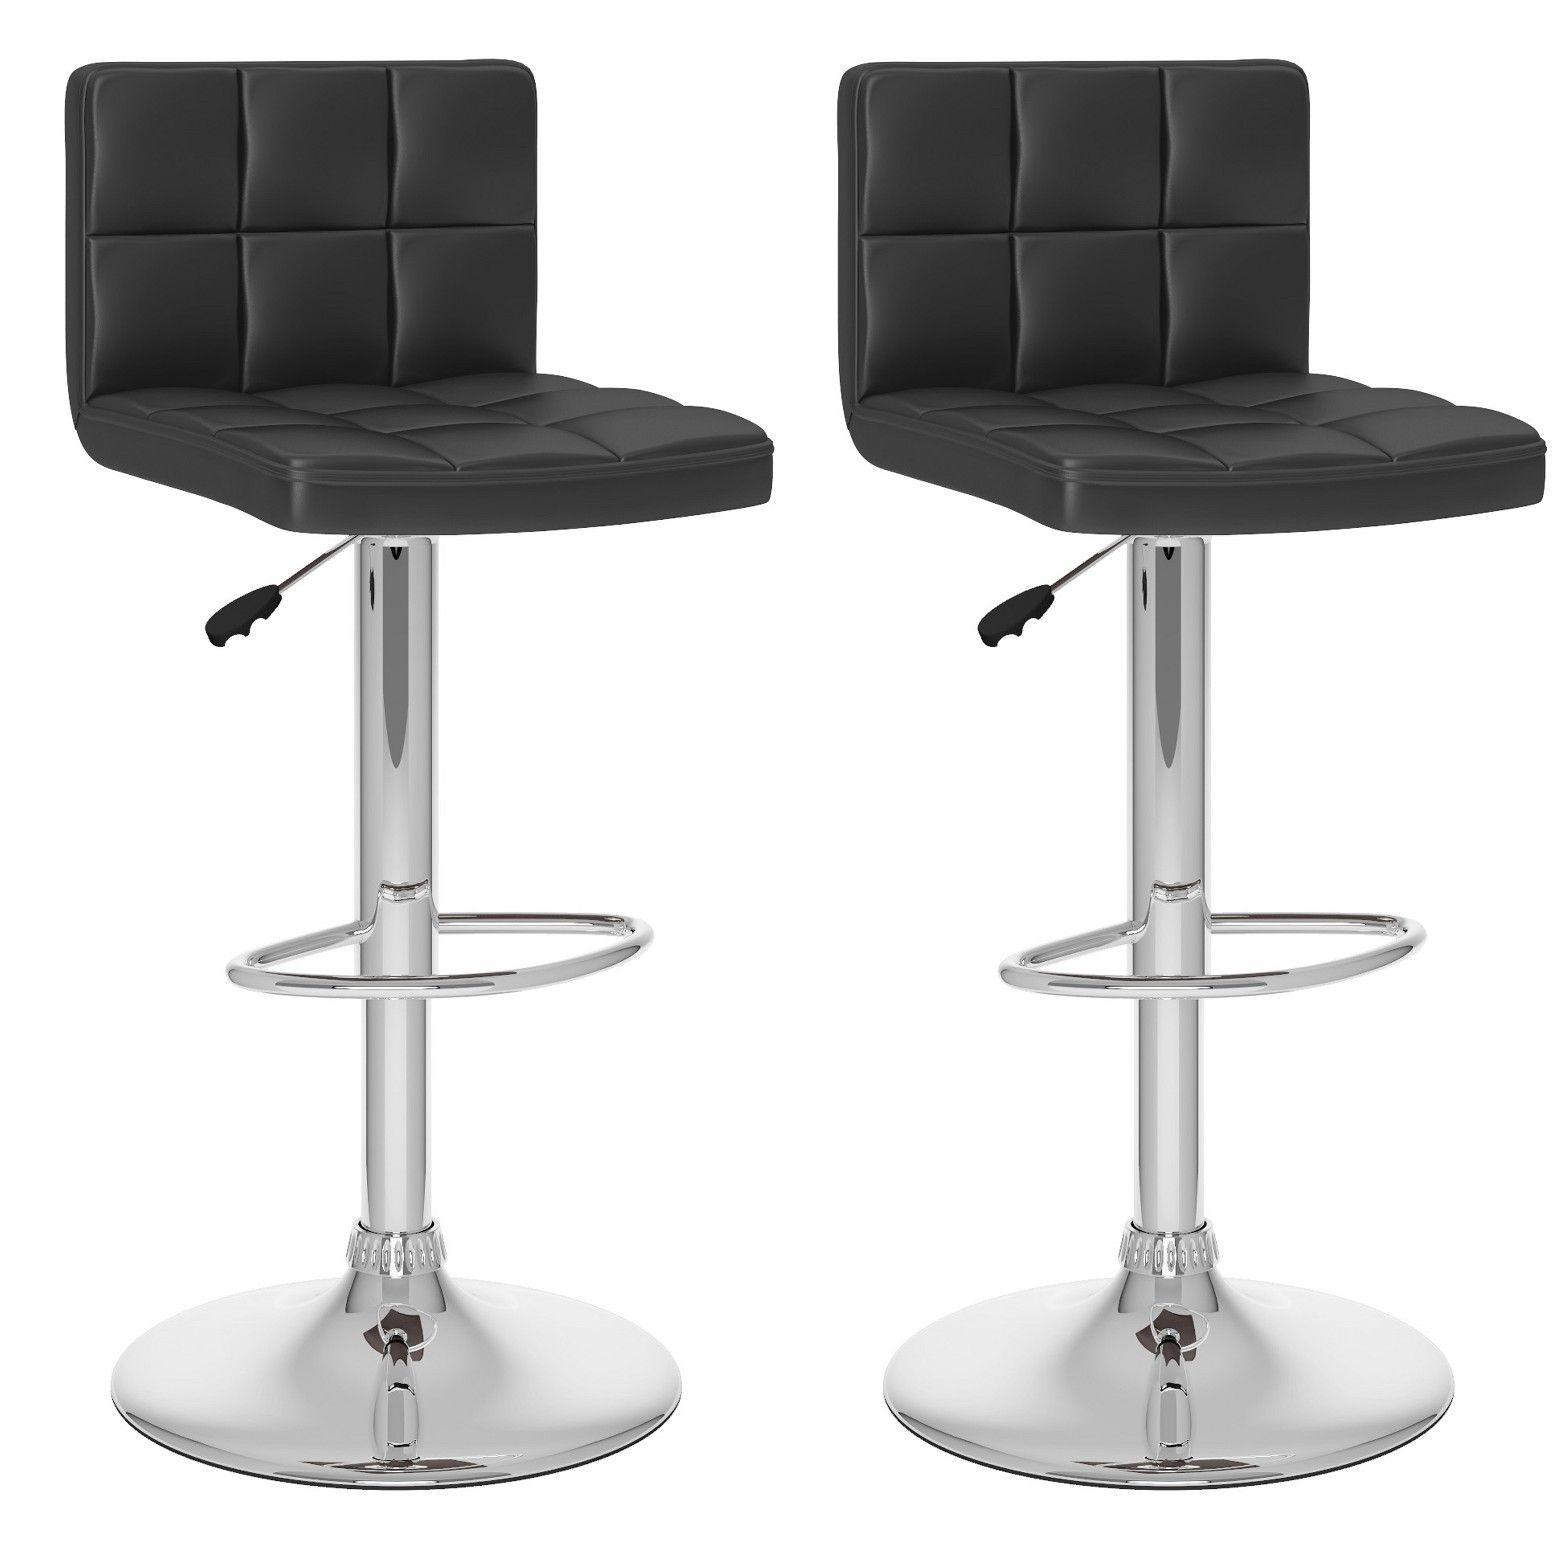 Set Of 2 Adjustable High Back Leatherette Barstool Corliving Adjustable Bar Stools High Back Bar Stools Bar Stools